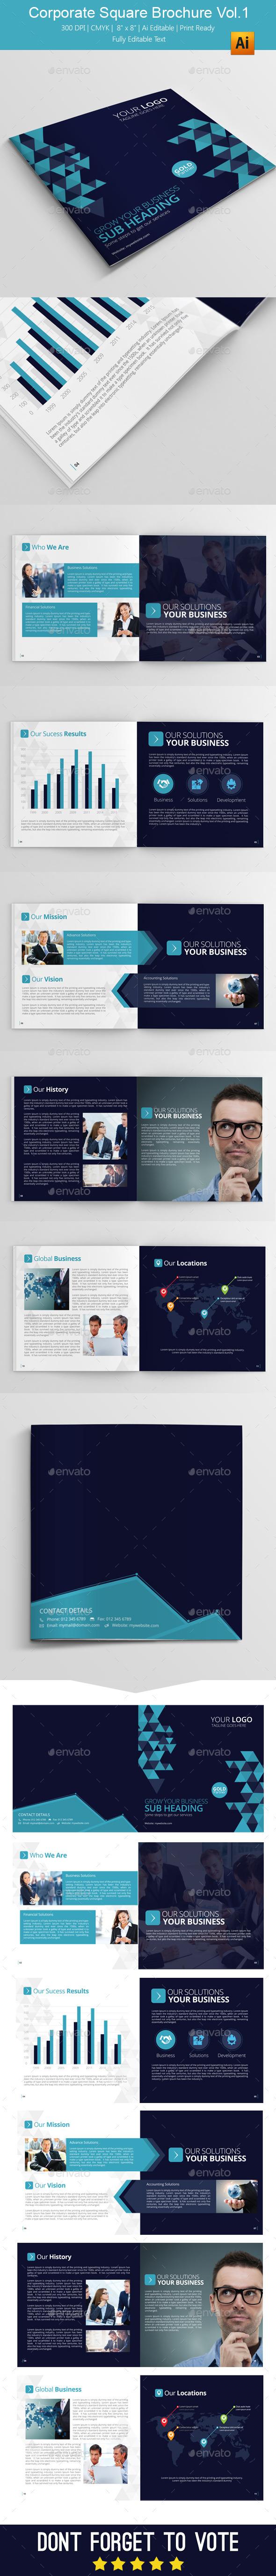 GraphicRiver Corporate Square Brochure Vol.1 11007942